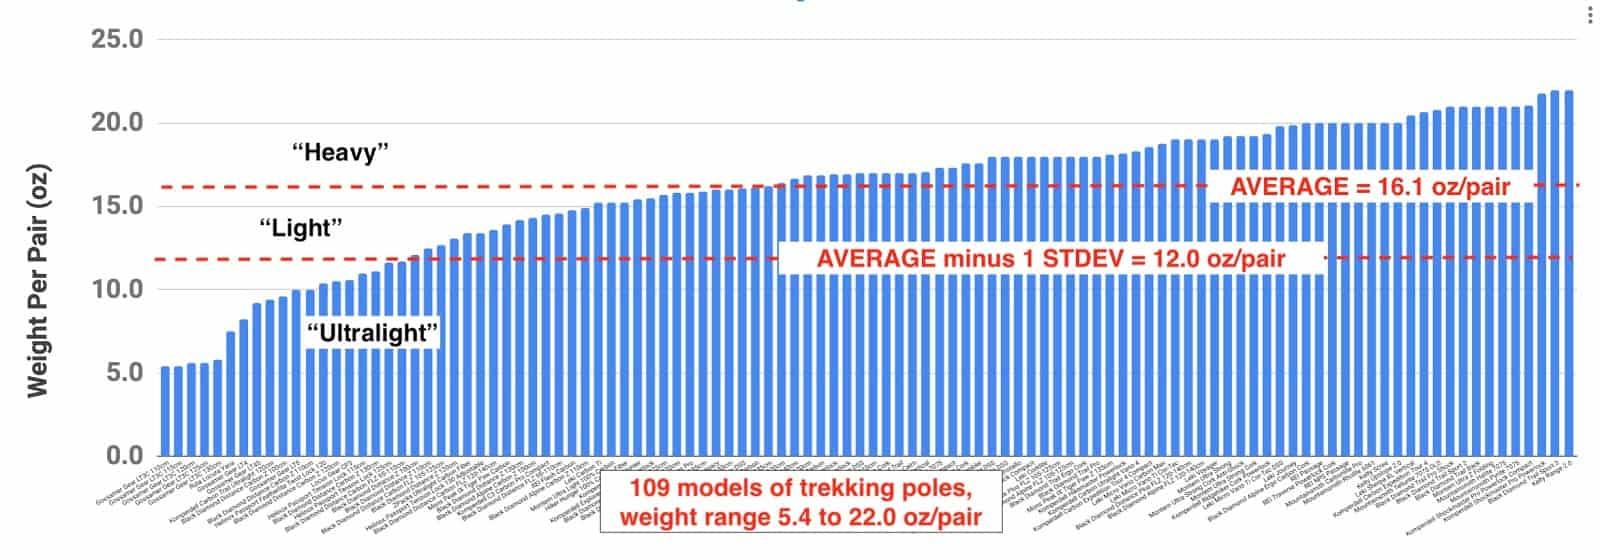 trekking pole distribution weights